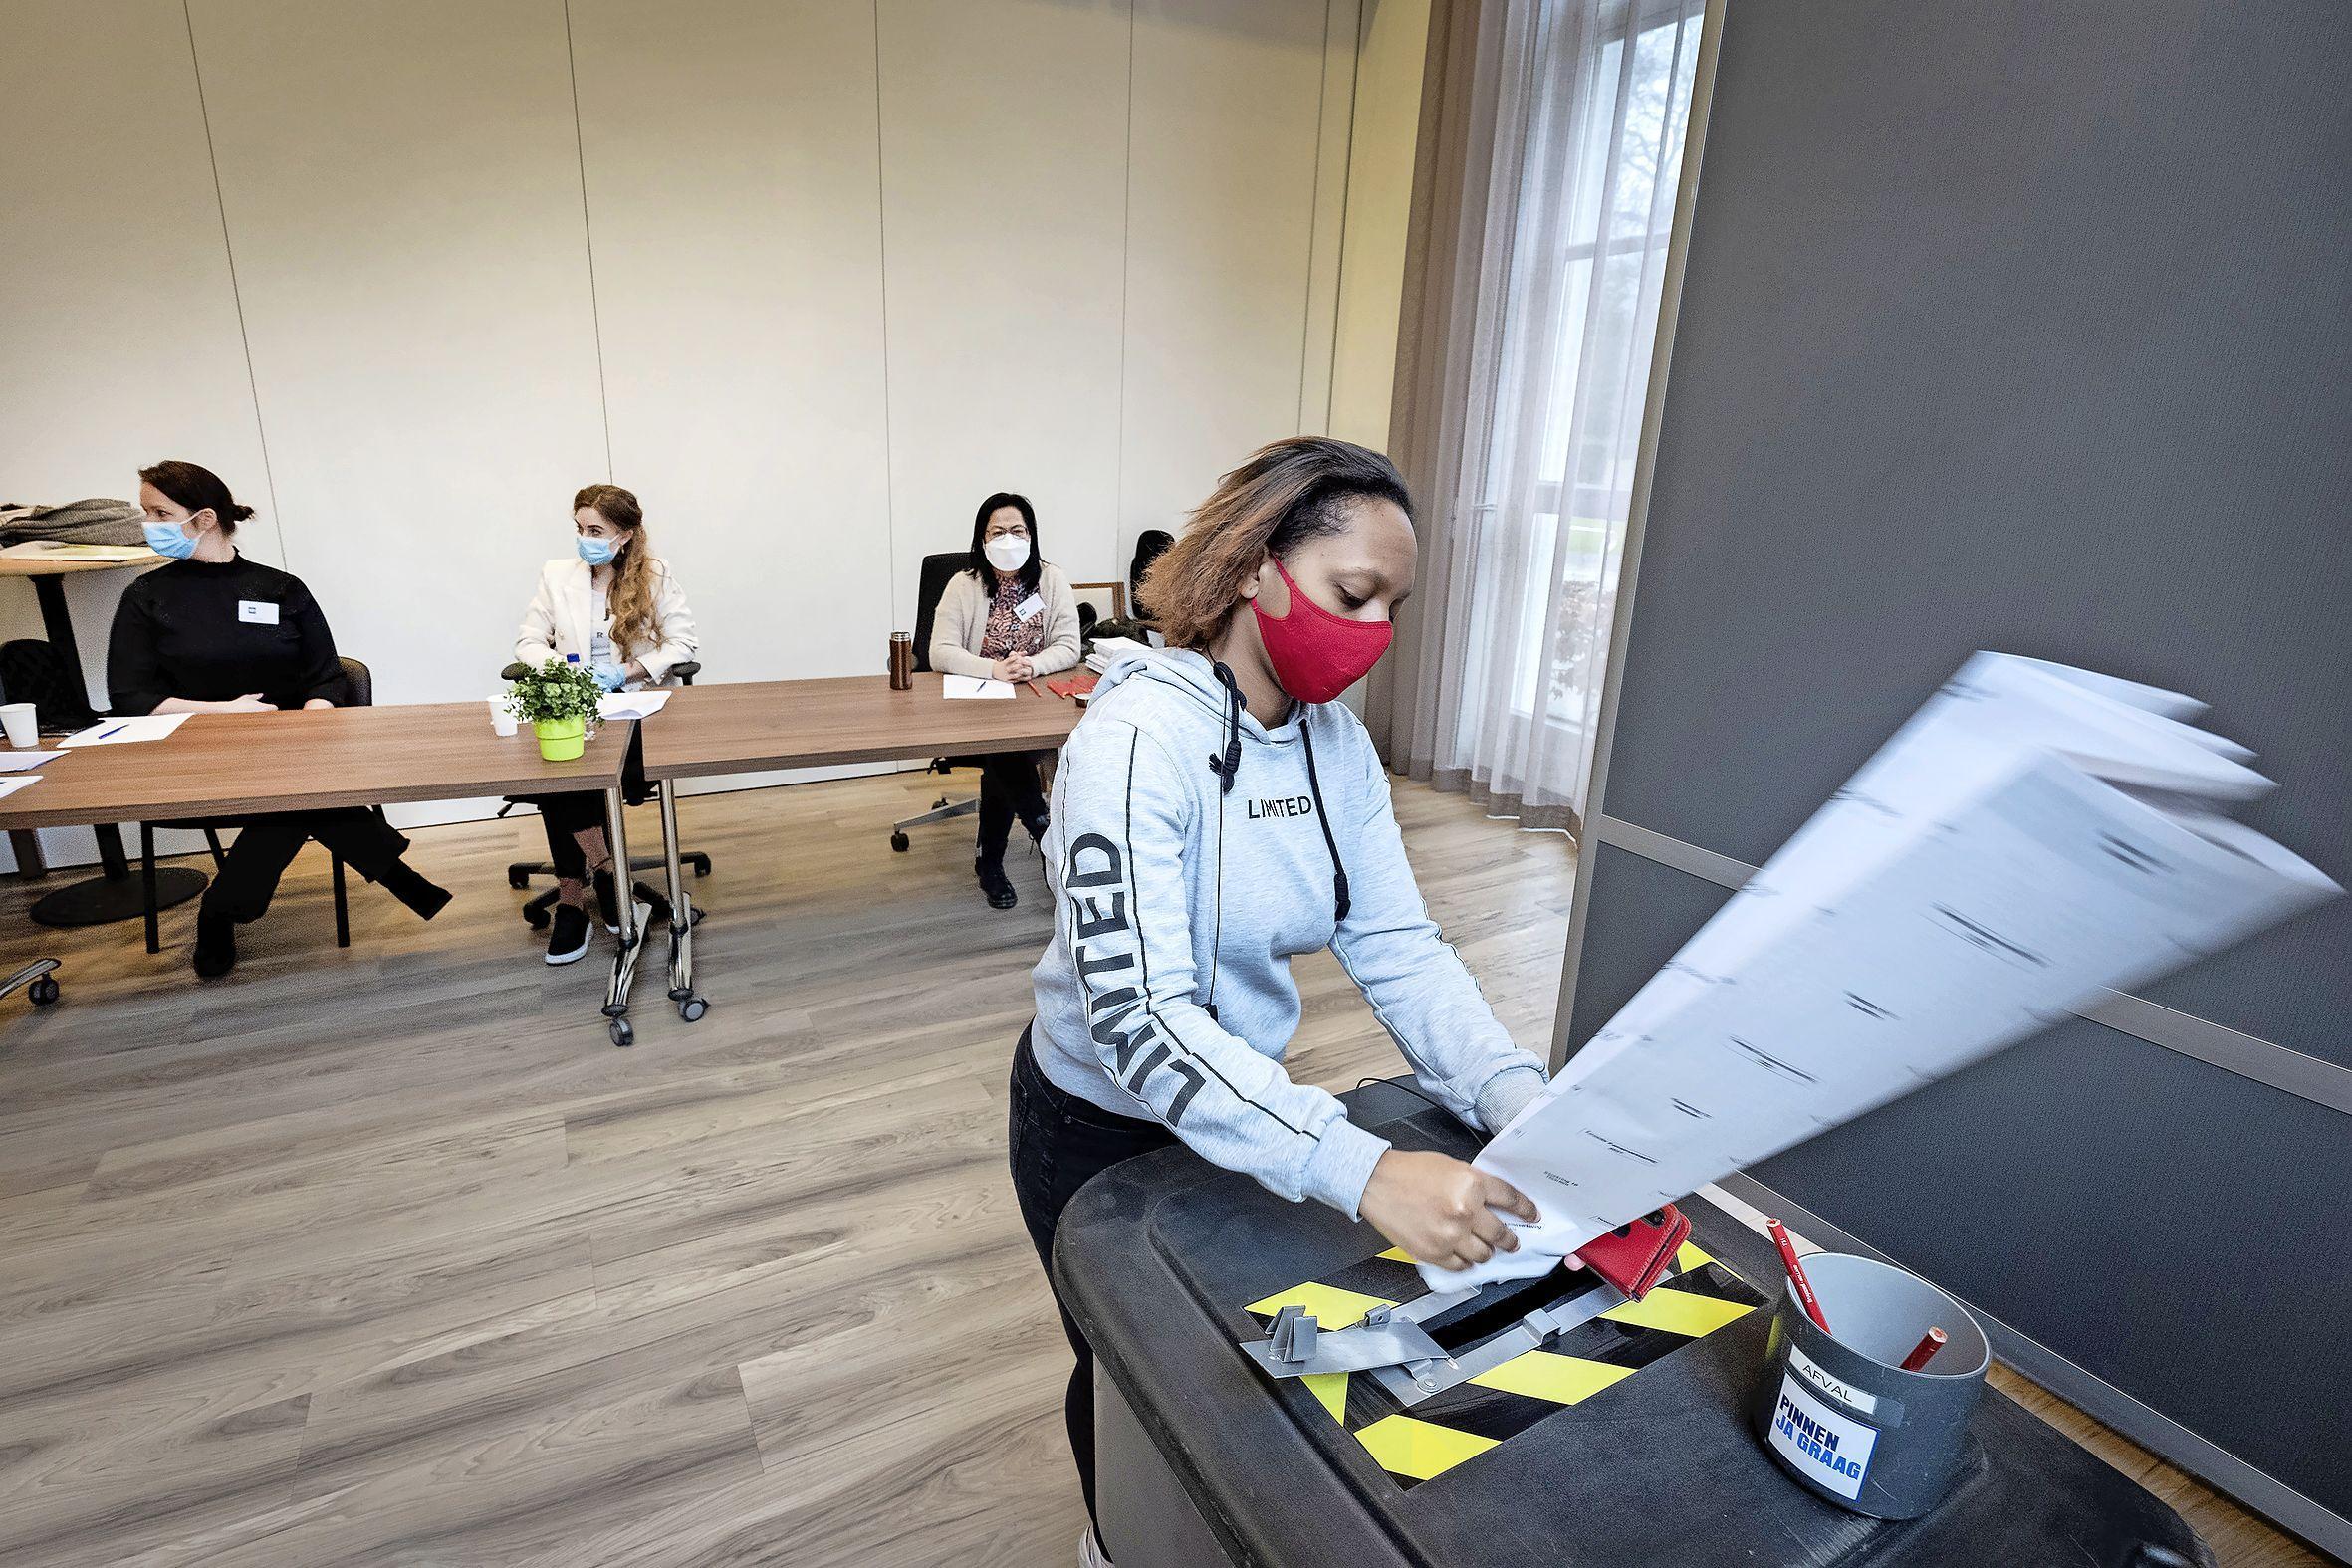 Hartekamp Groep stemt voor het eerst op eigen terrein. 'Met glibberhanden van de ontsmettingsgel kun je dat potlood niet vasthouden'